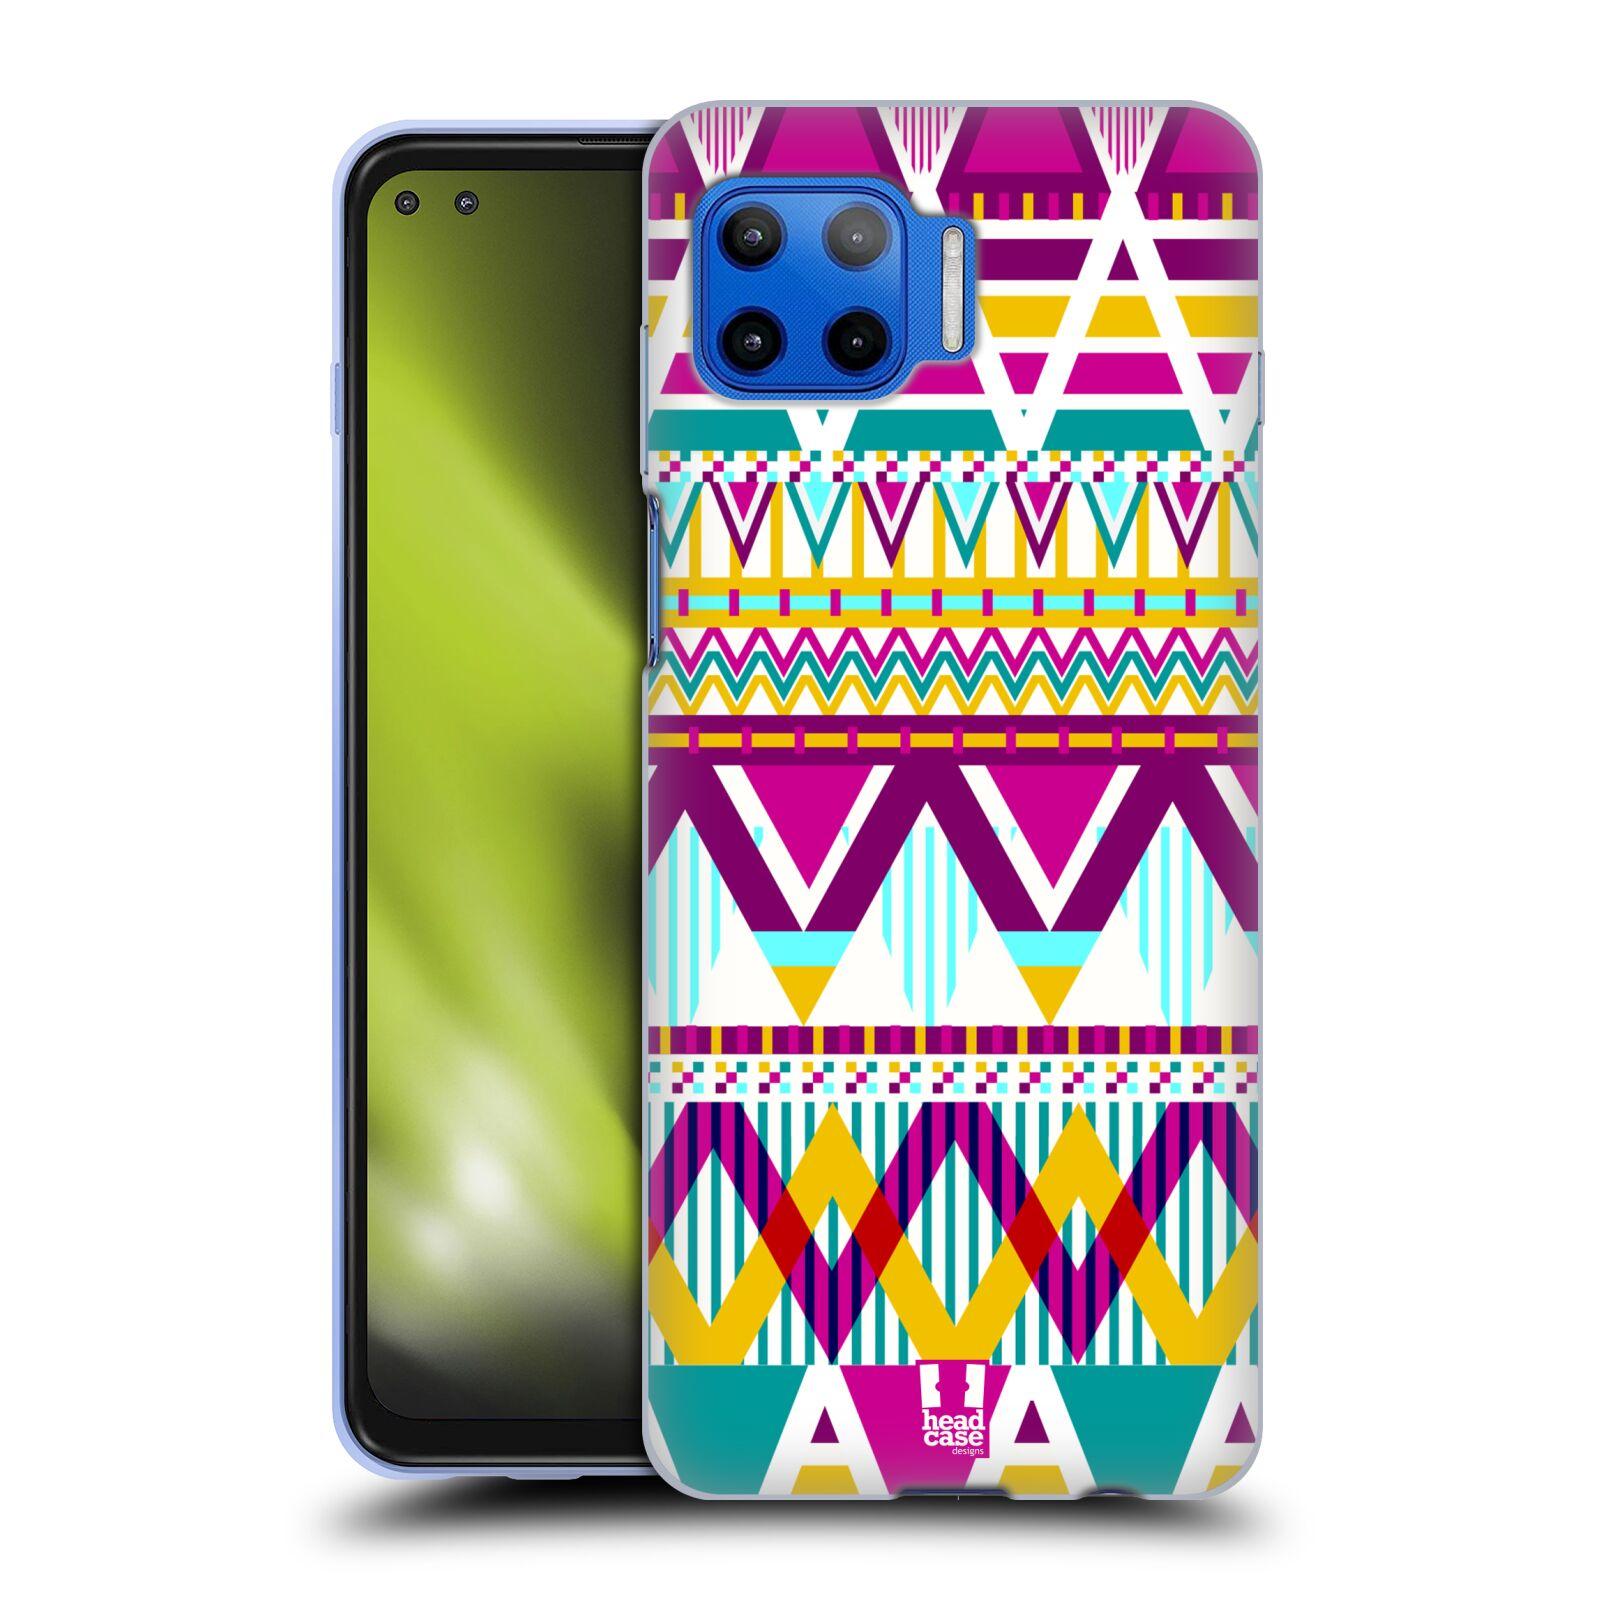 Silikonové pouzdro na mobil Motorola Moto G 5G Plus - Head Case - AZTEC SUGARED